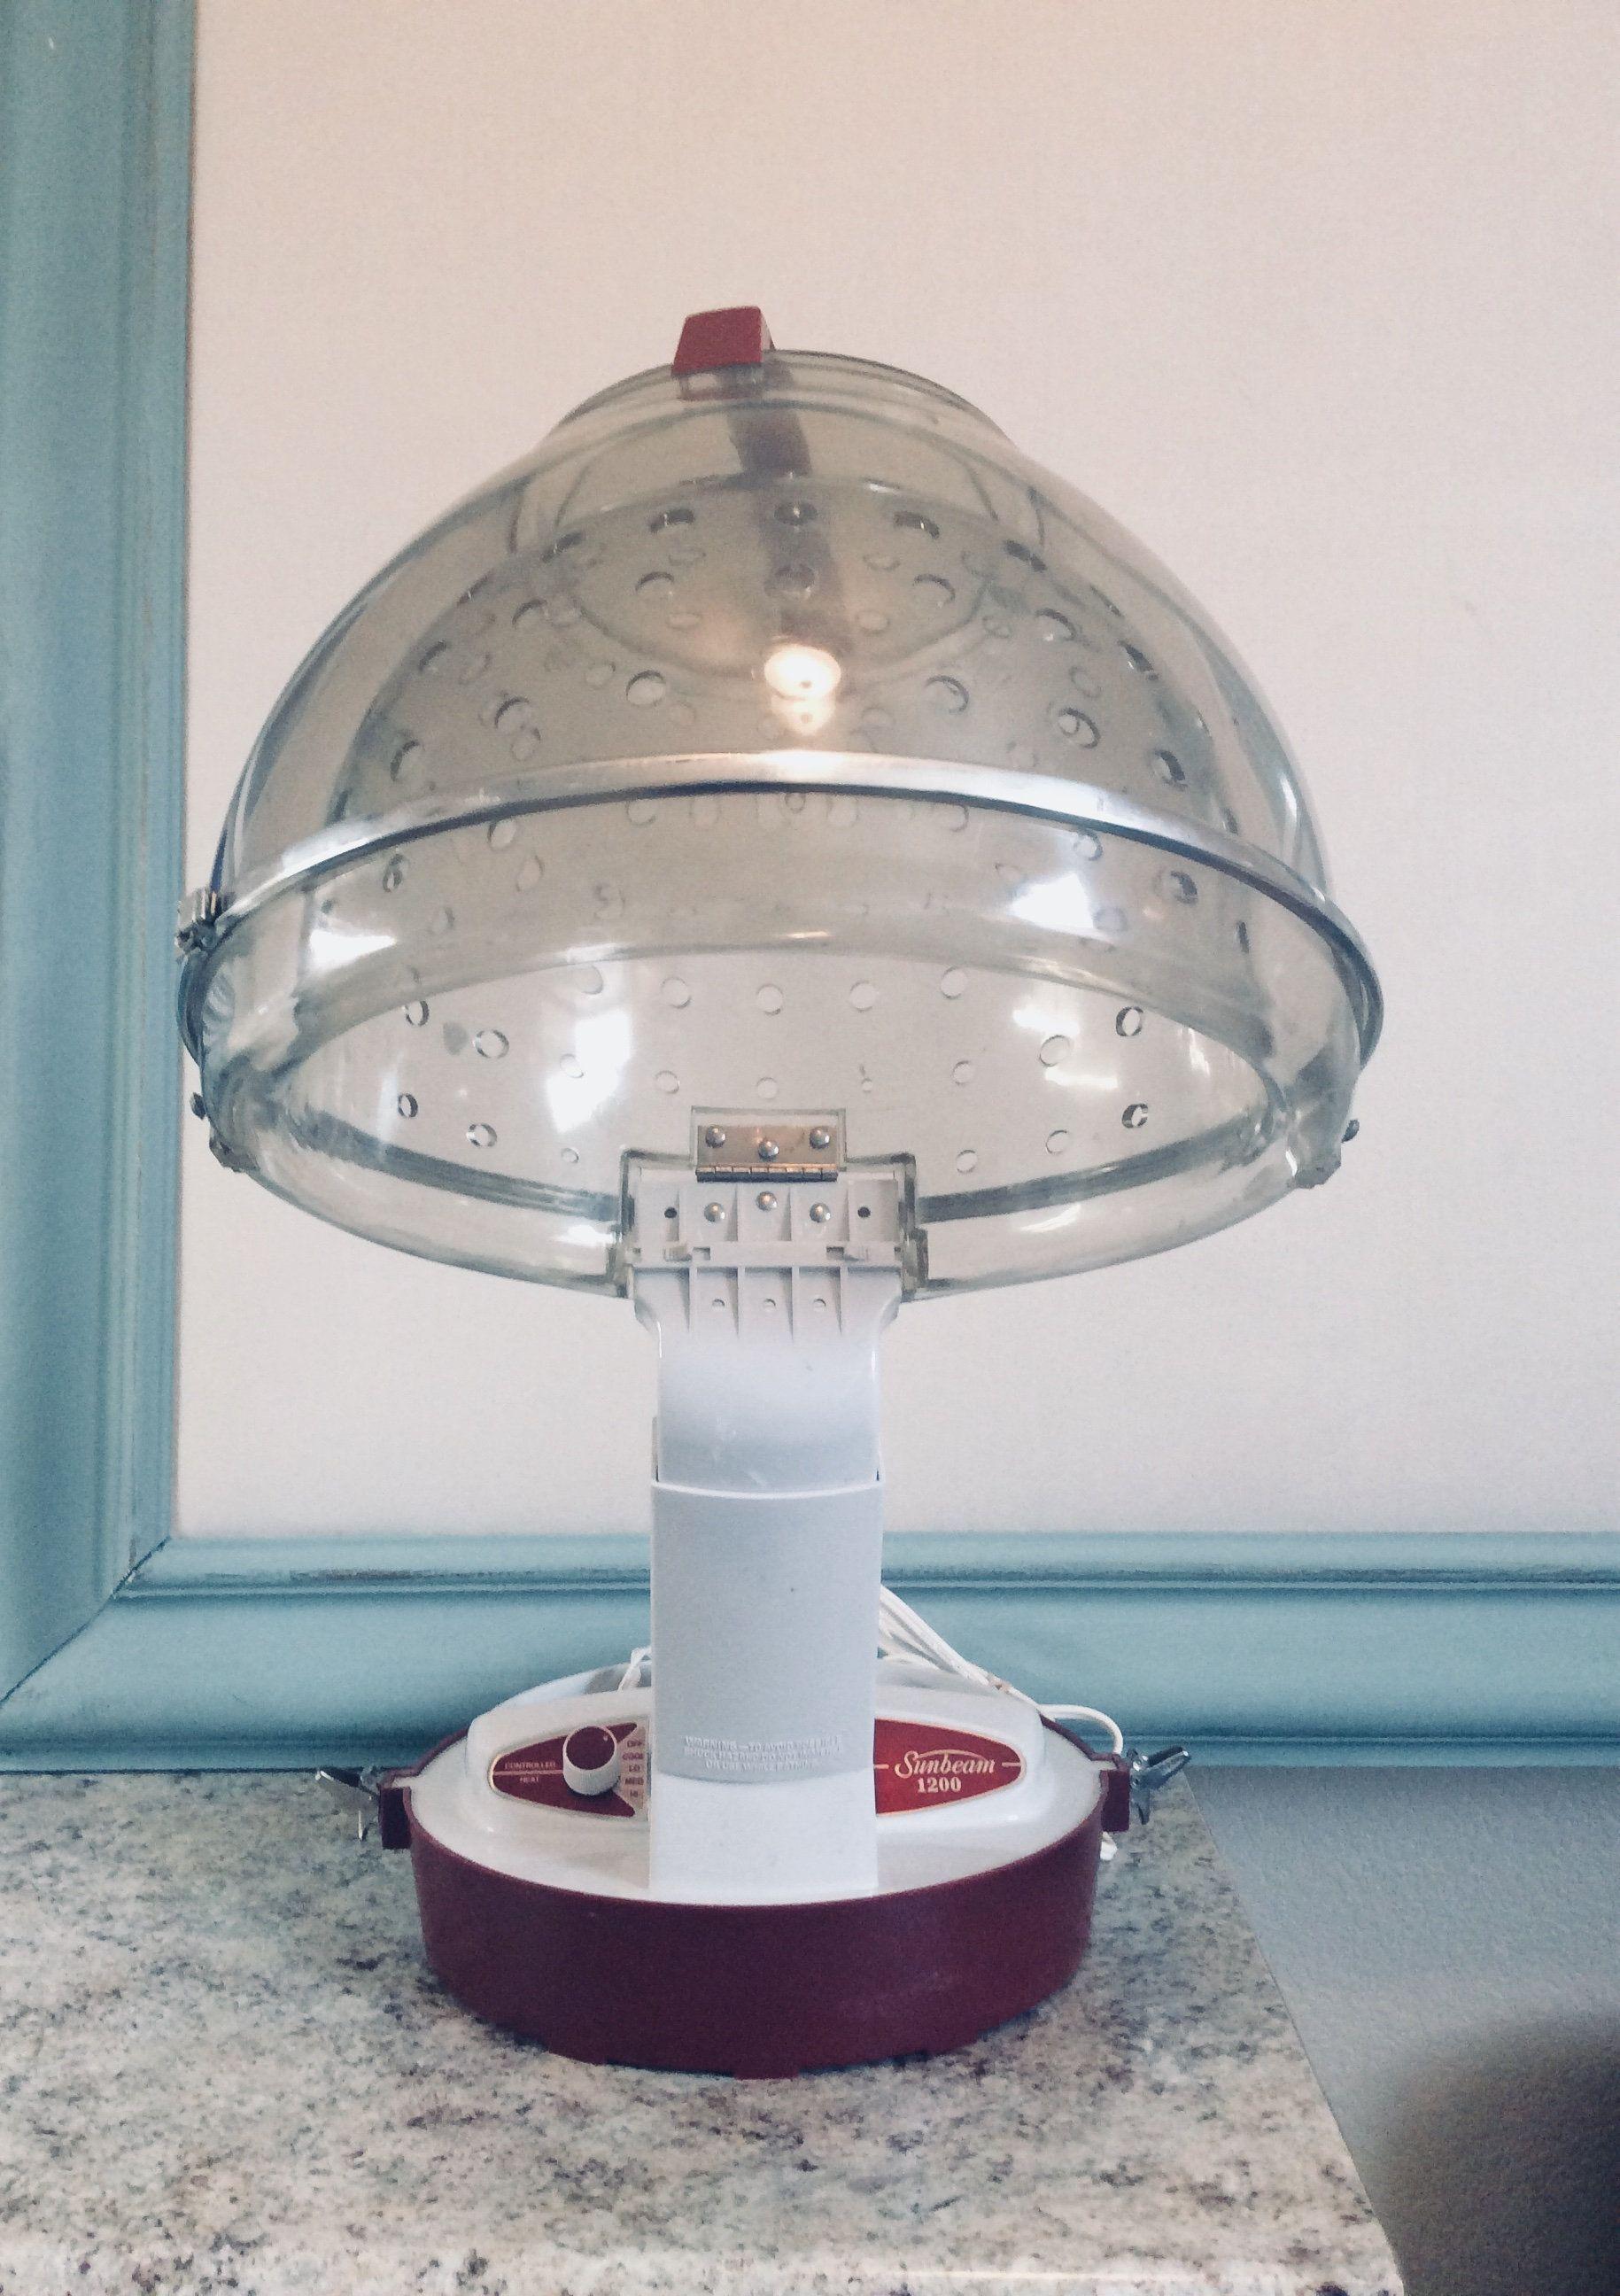 Vintage Hair Dryer, Lady Sunbeam 1200, Tabletop Hair Dryer By VinnysVault  On Etsy